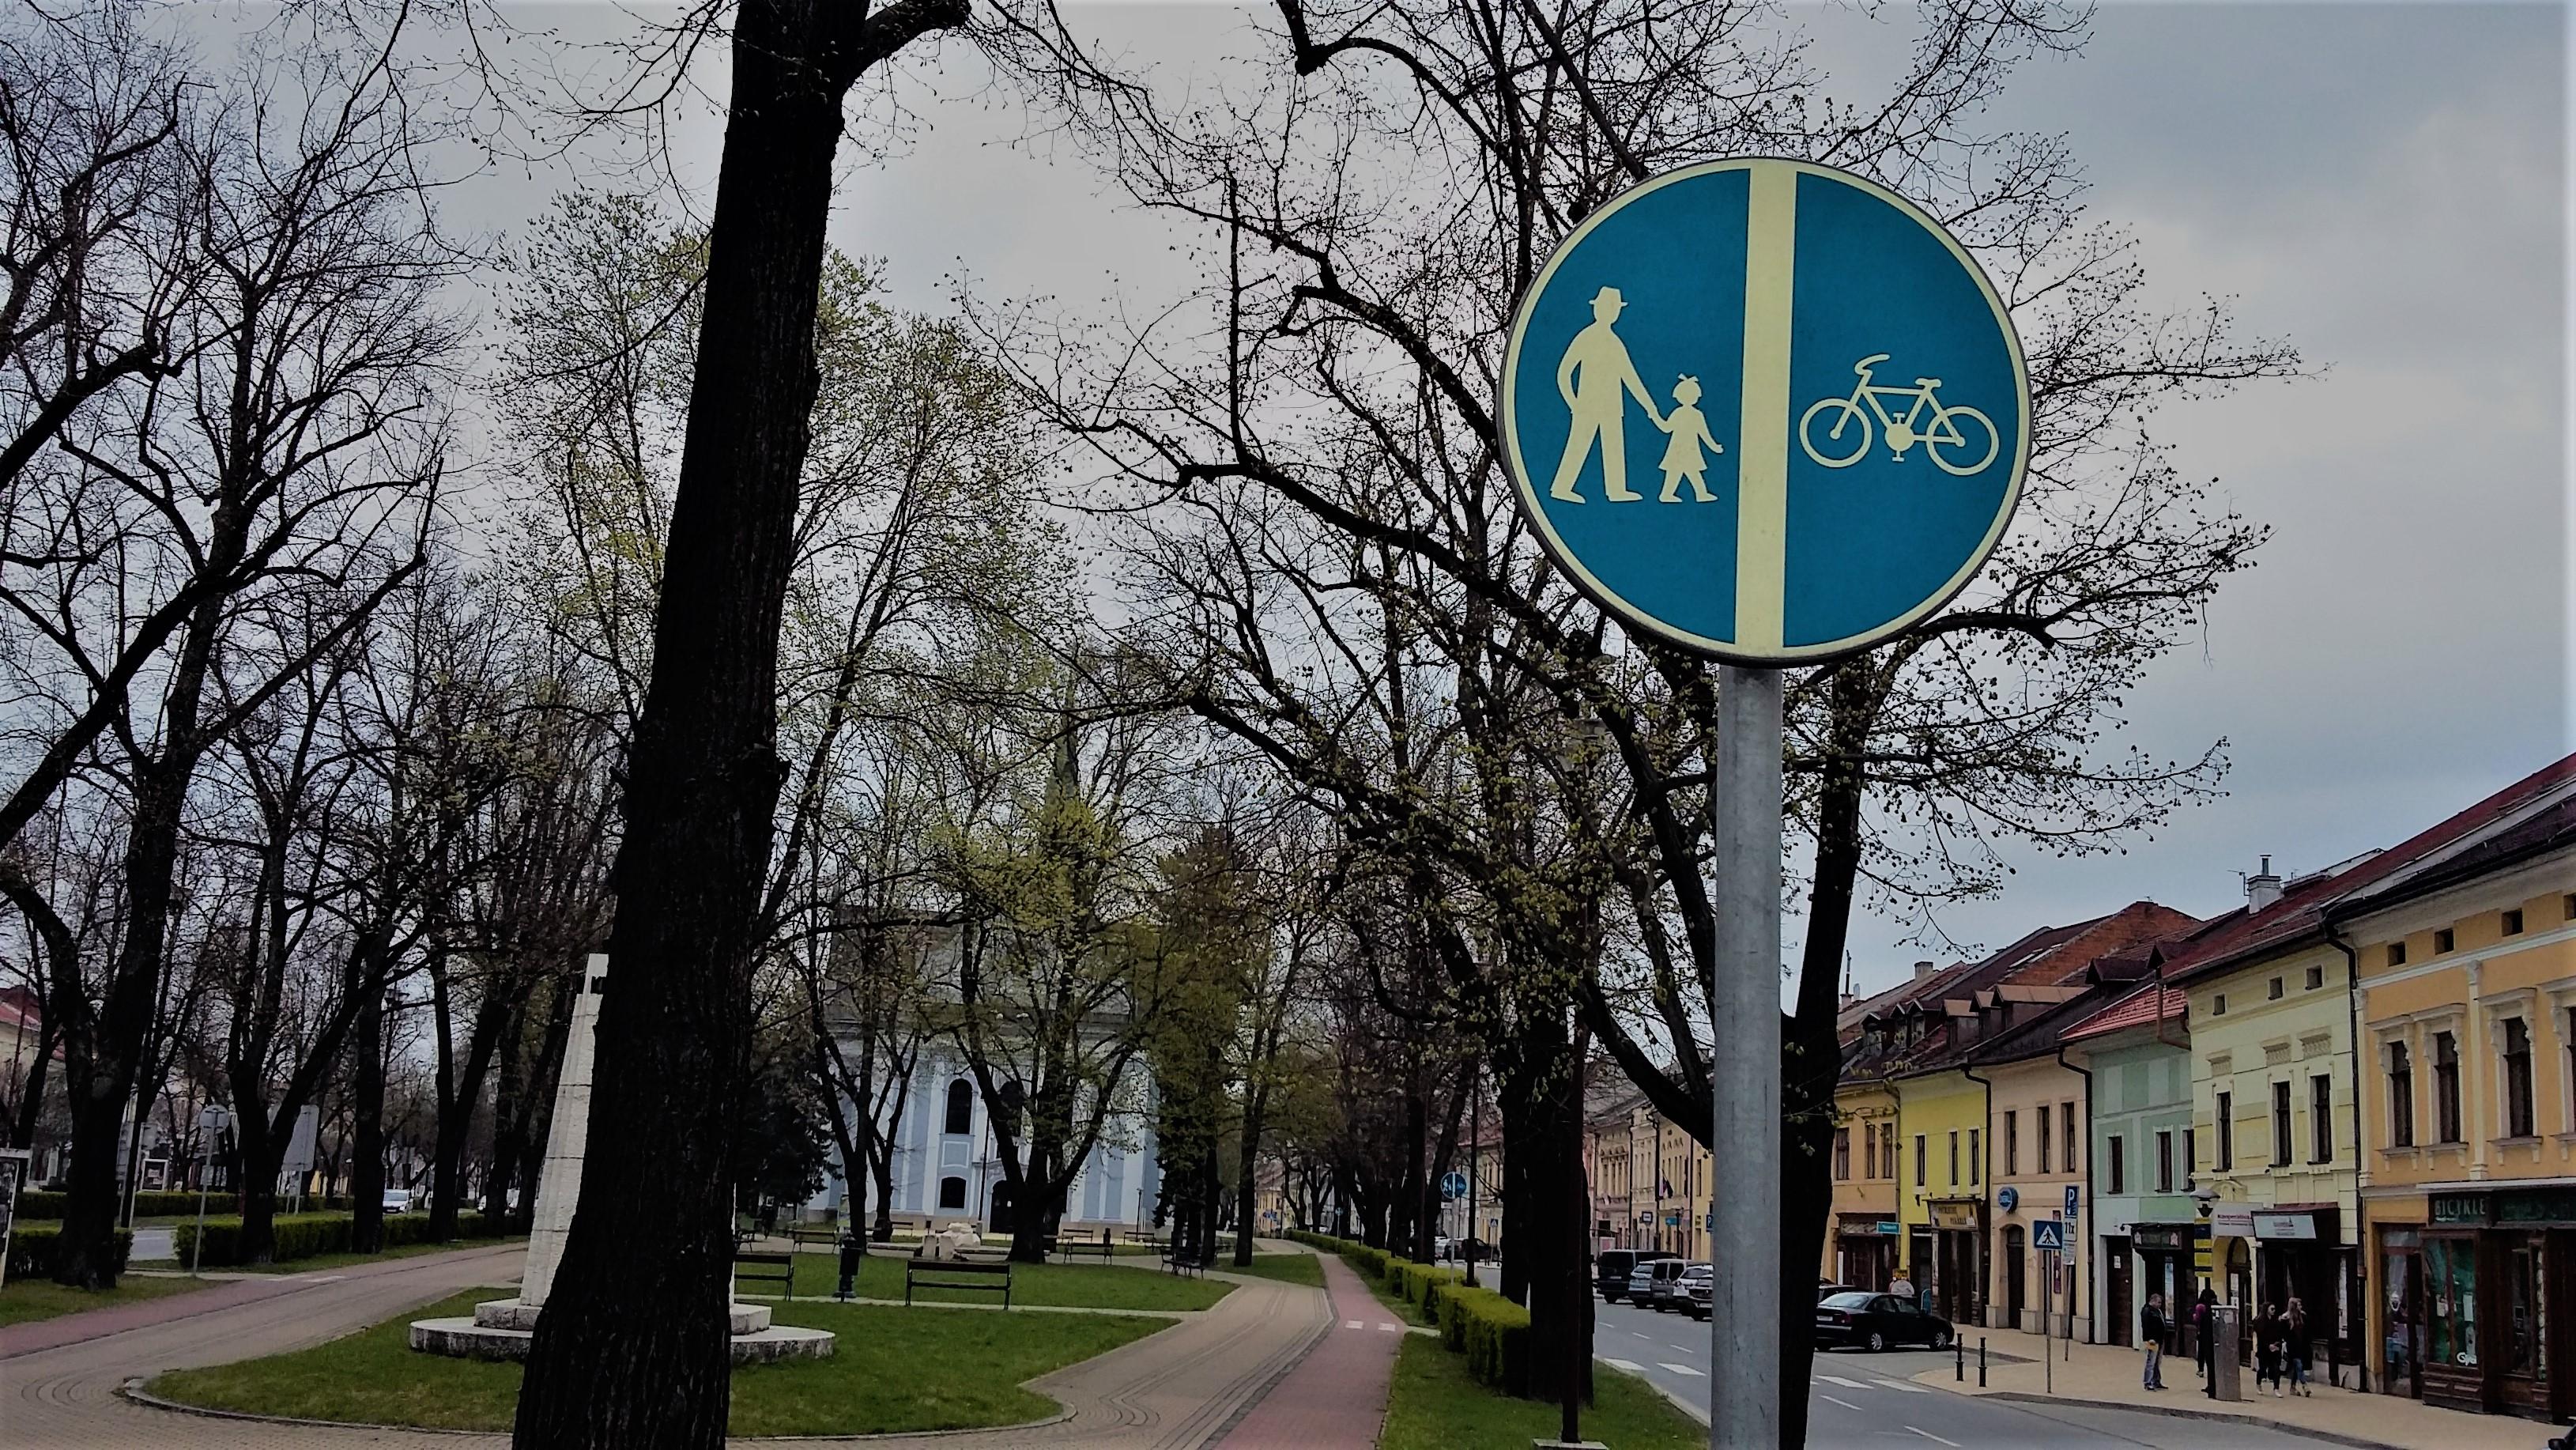 Značka chodec/ cyklista